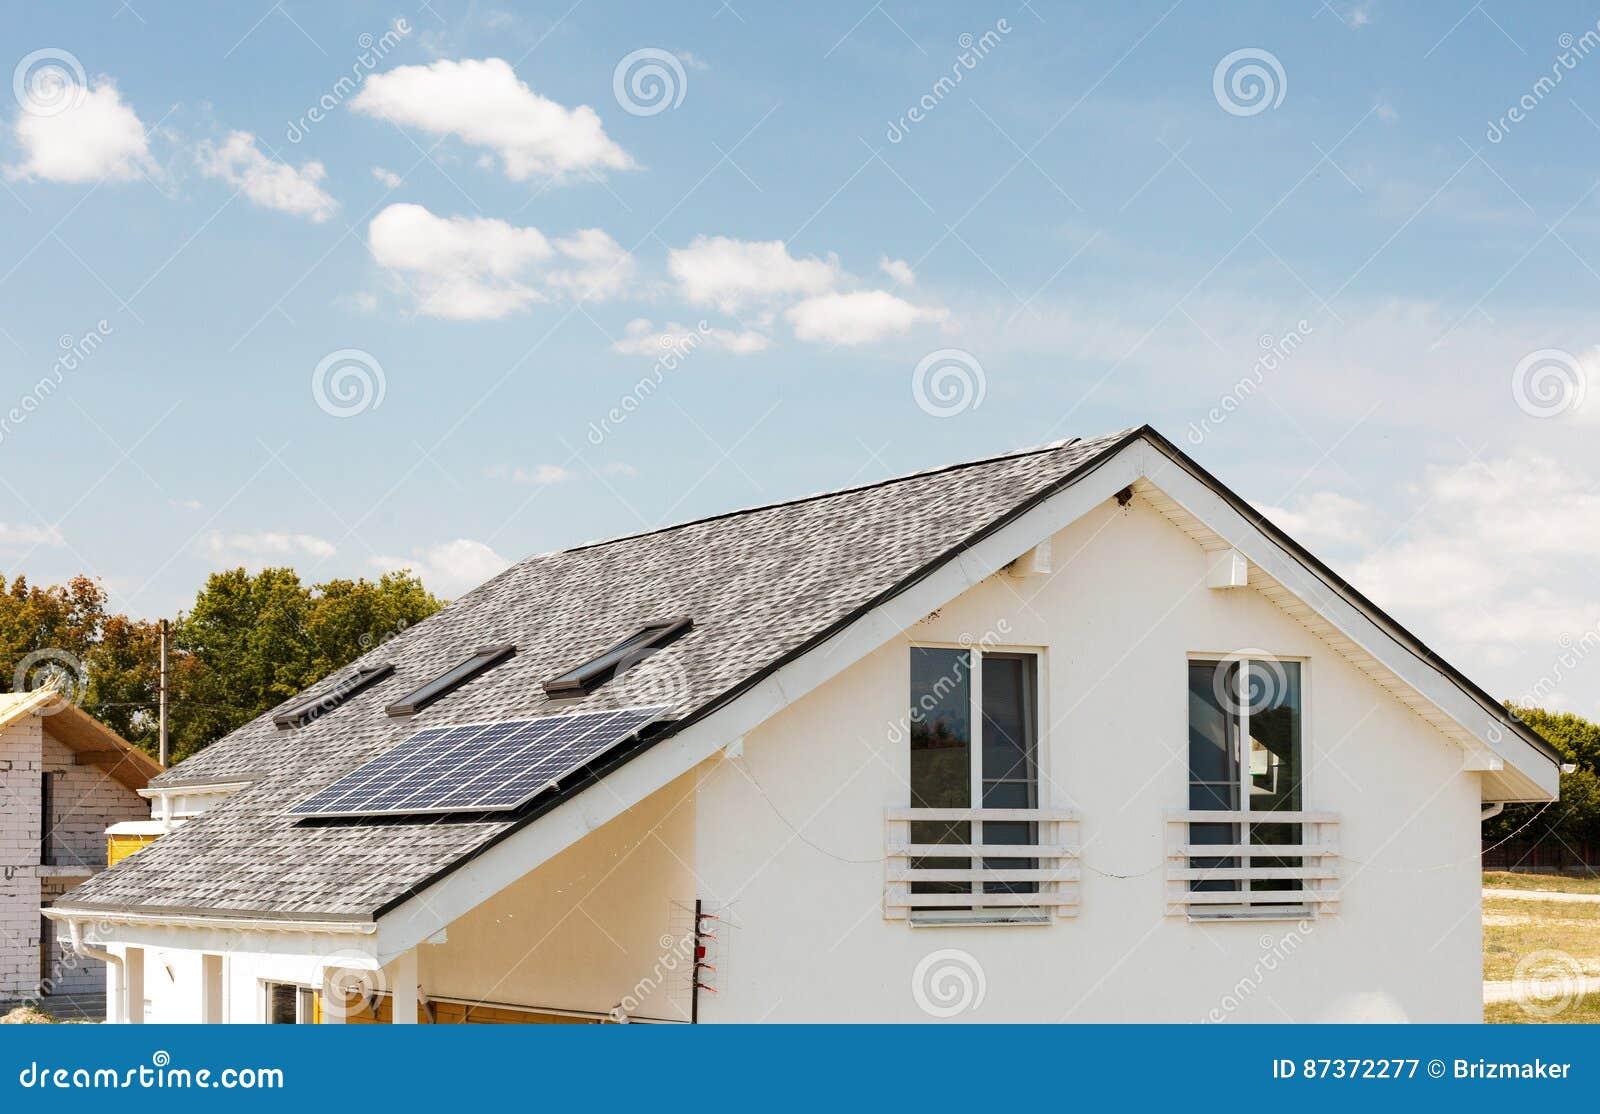 chauffage de panneau solaire de l 39 eau sur le toit de. Black Bedroom Furniture Sets. Home Design Ideas